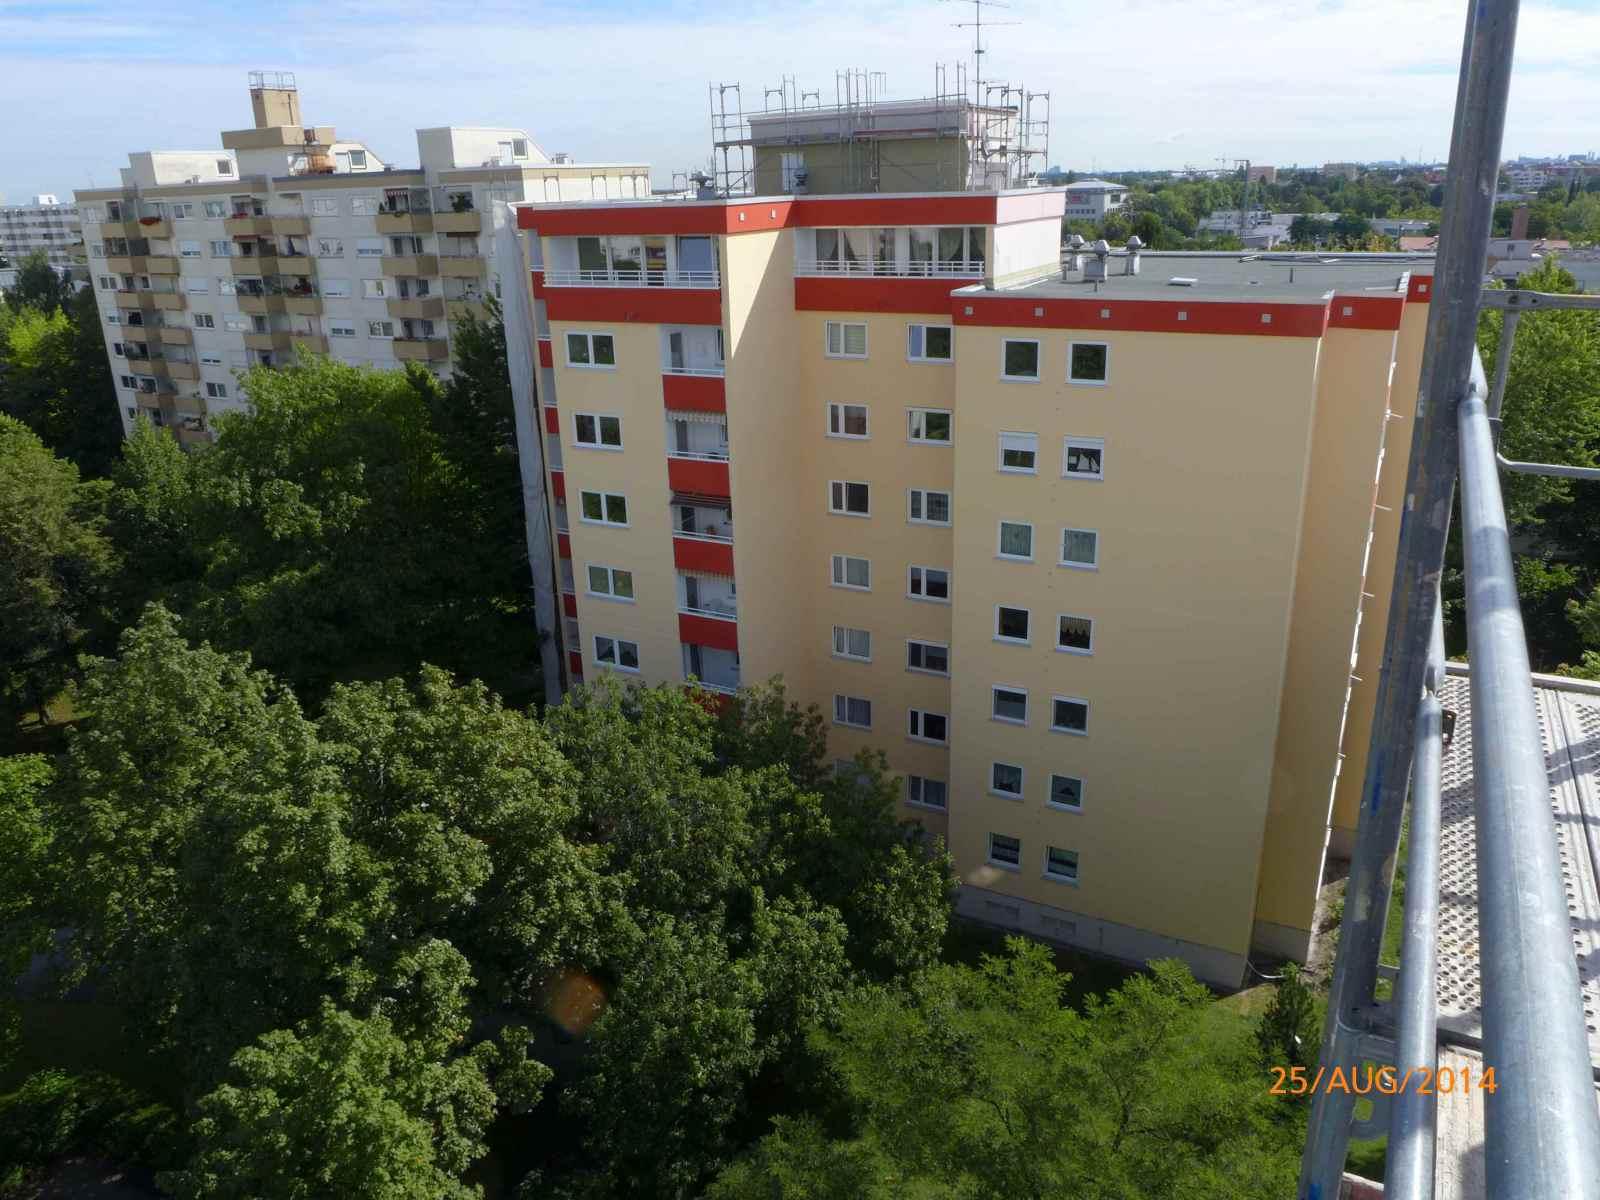 Fassaden-Betoninstandsetzung-Muenchen-30